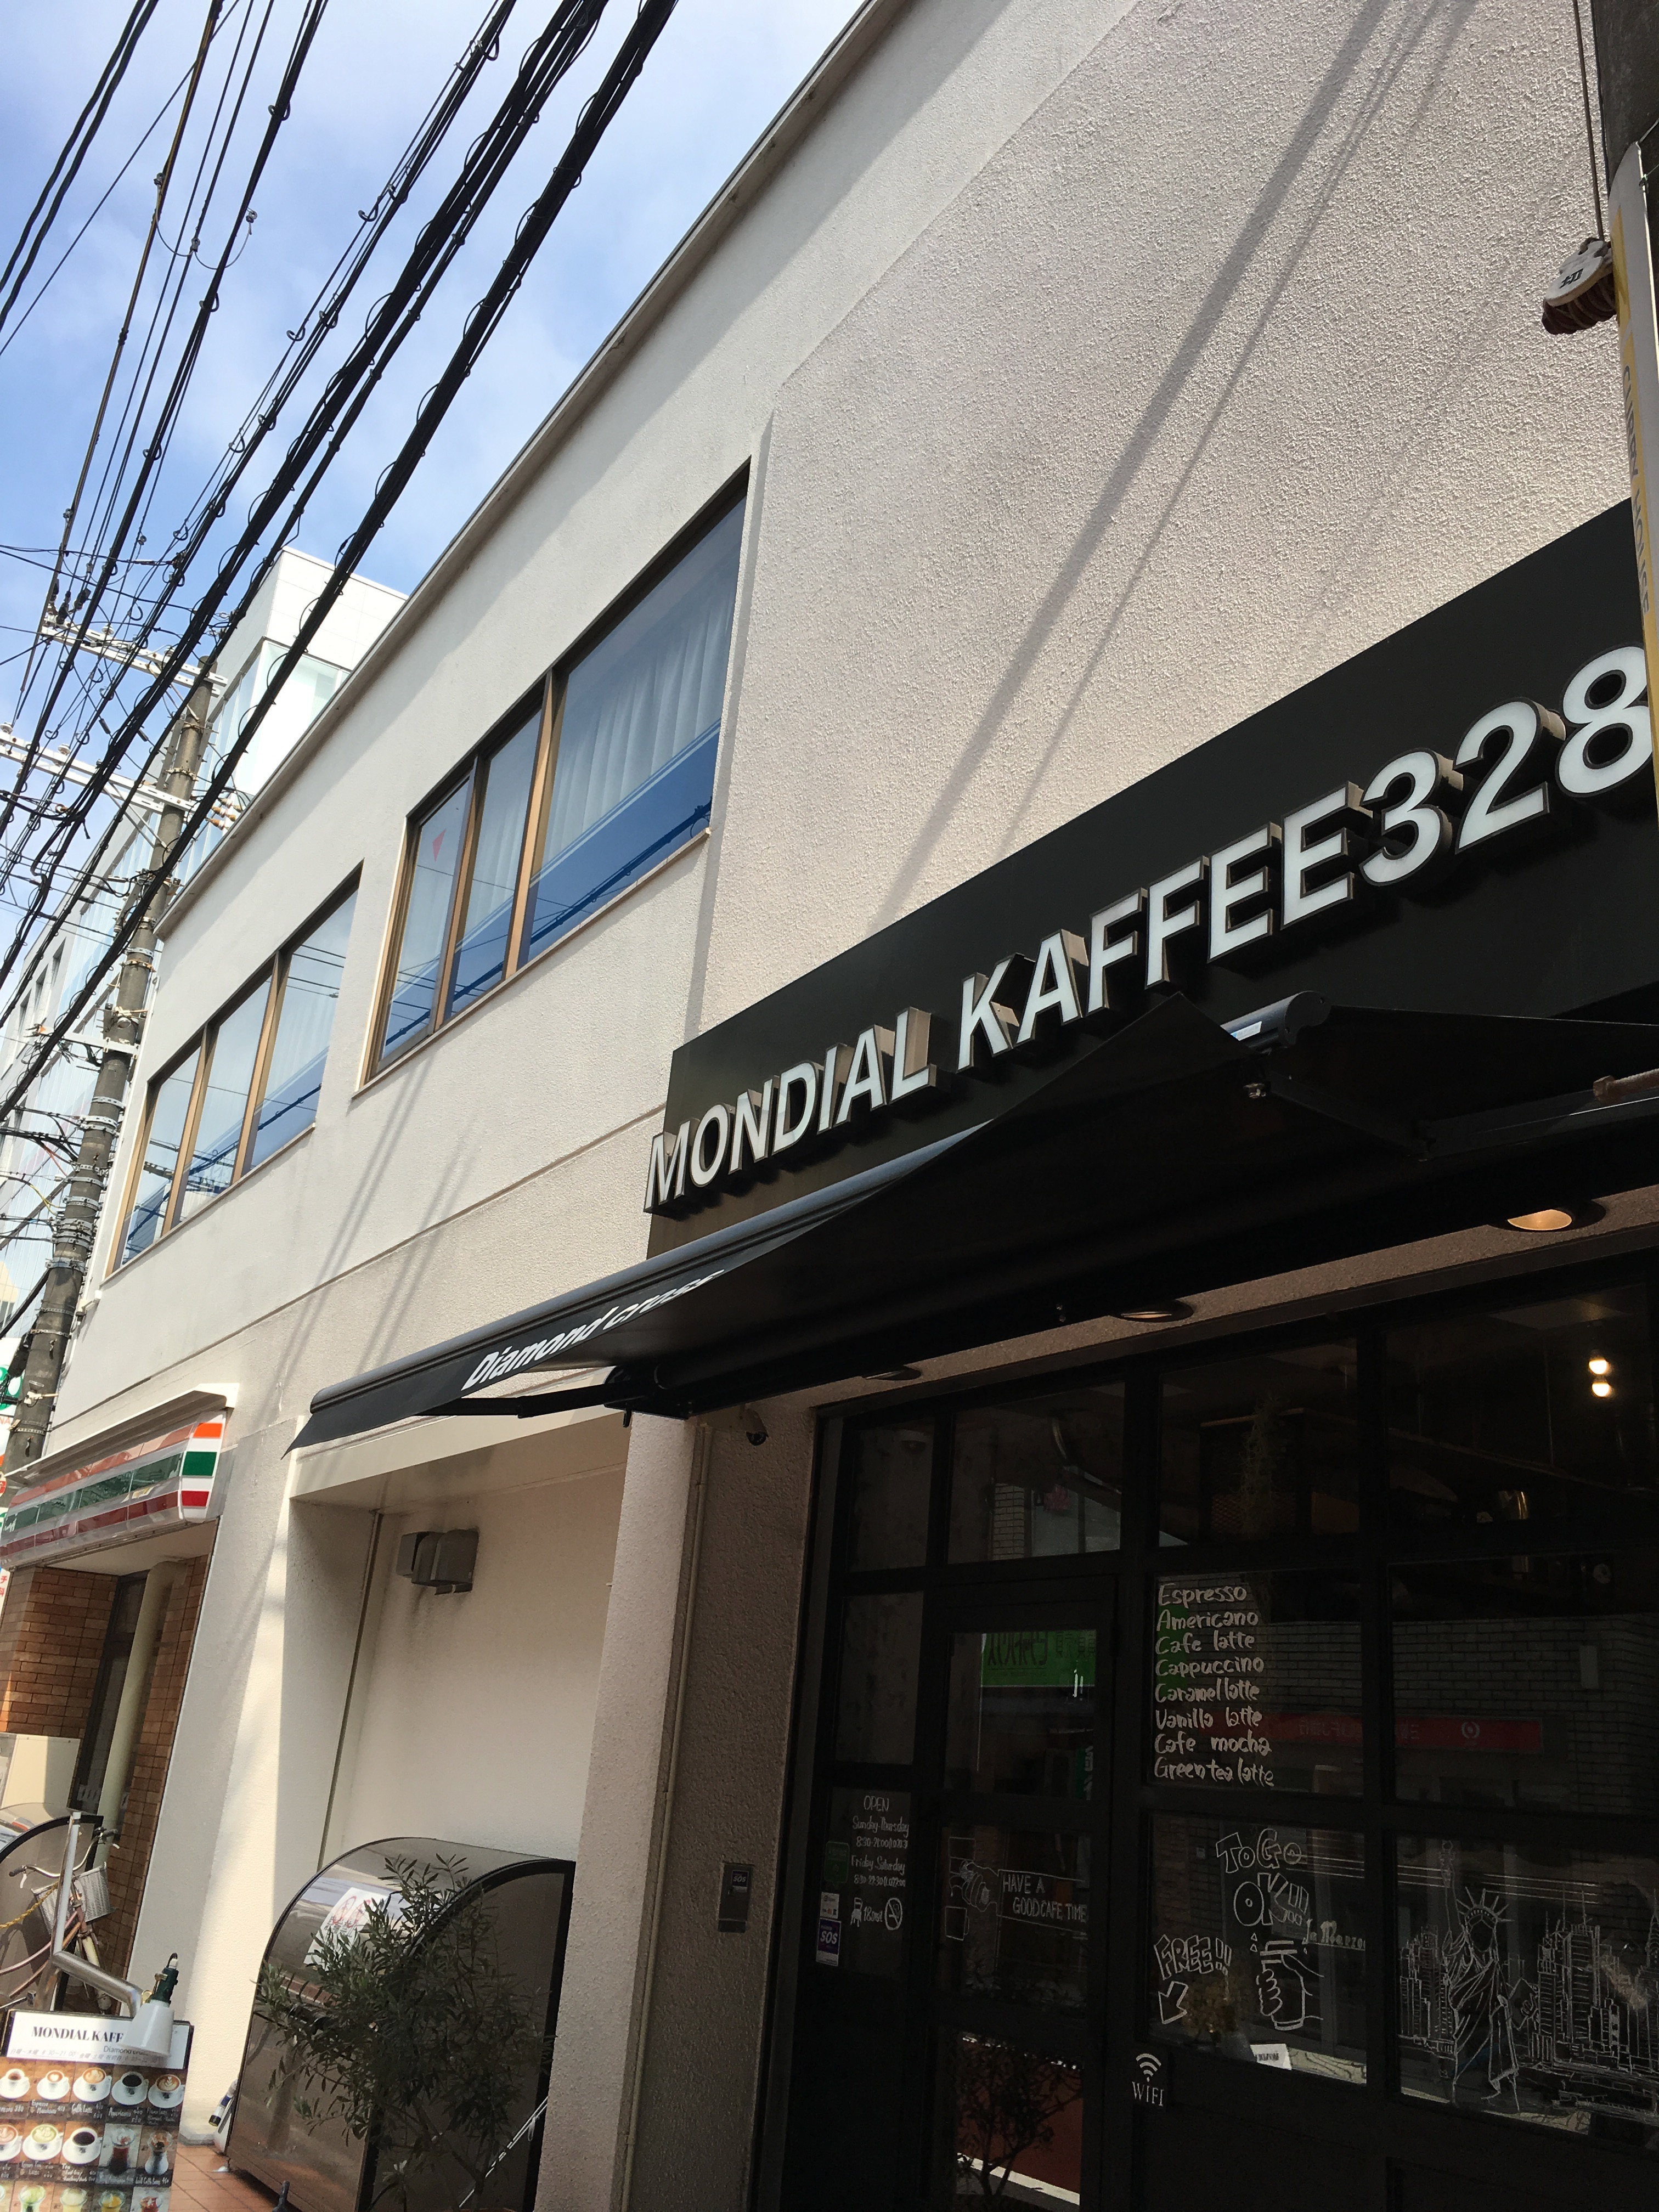 西宮北口の素敵なカフェ!でも店名が覚えられない!MONDIAL KAFFEE328 Diamond cross